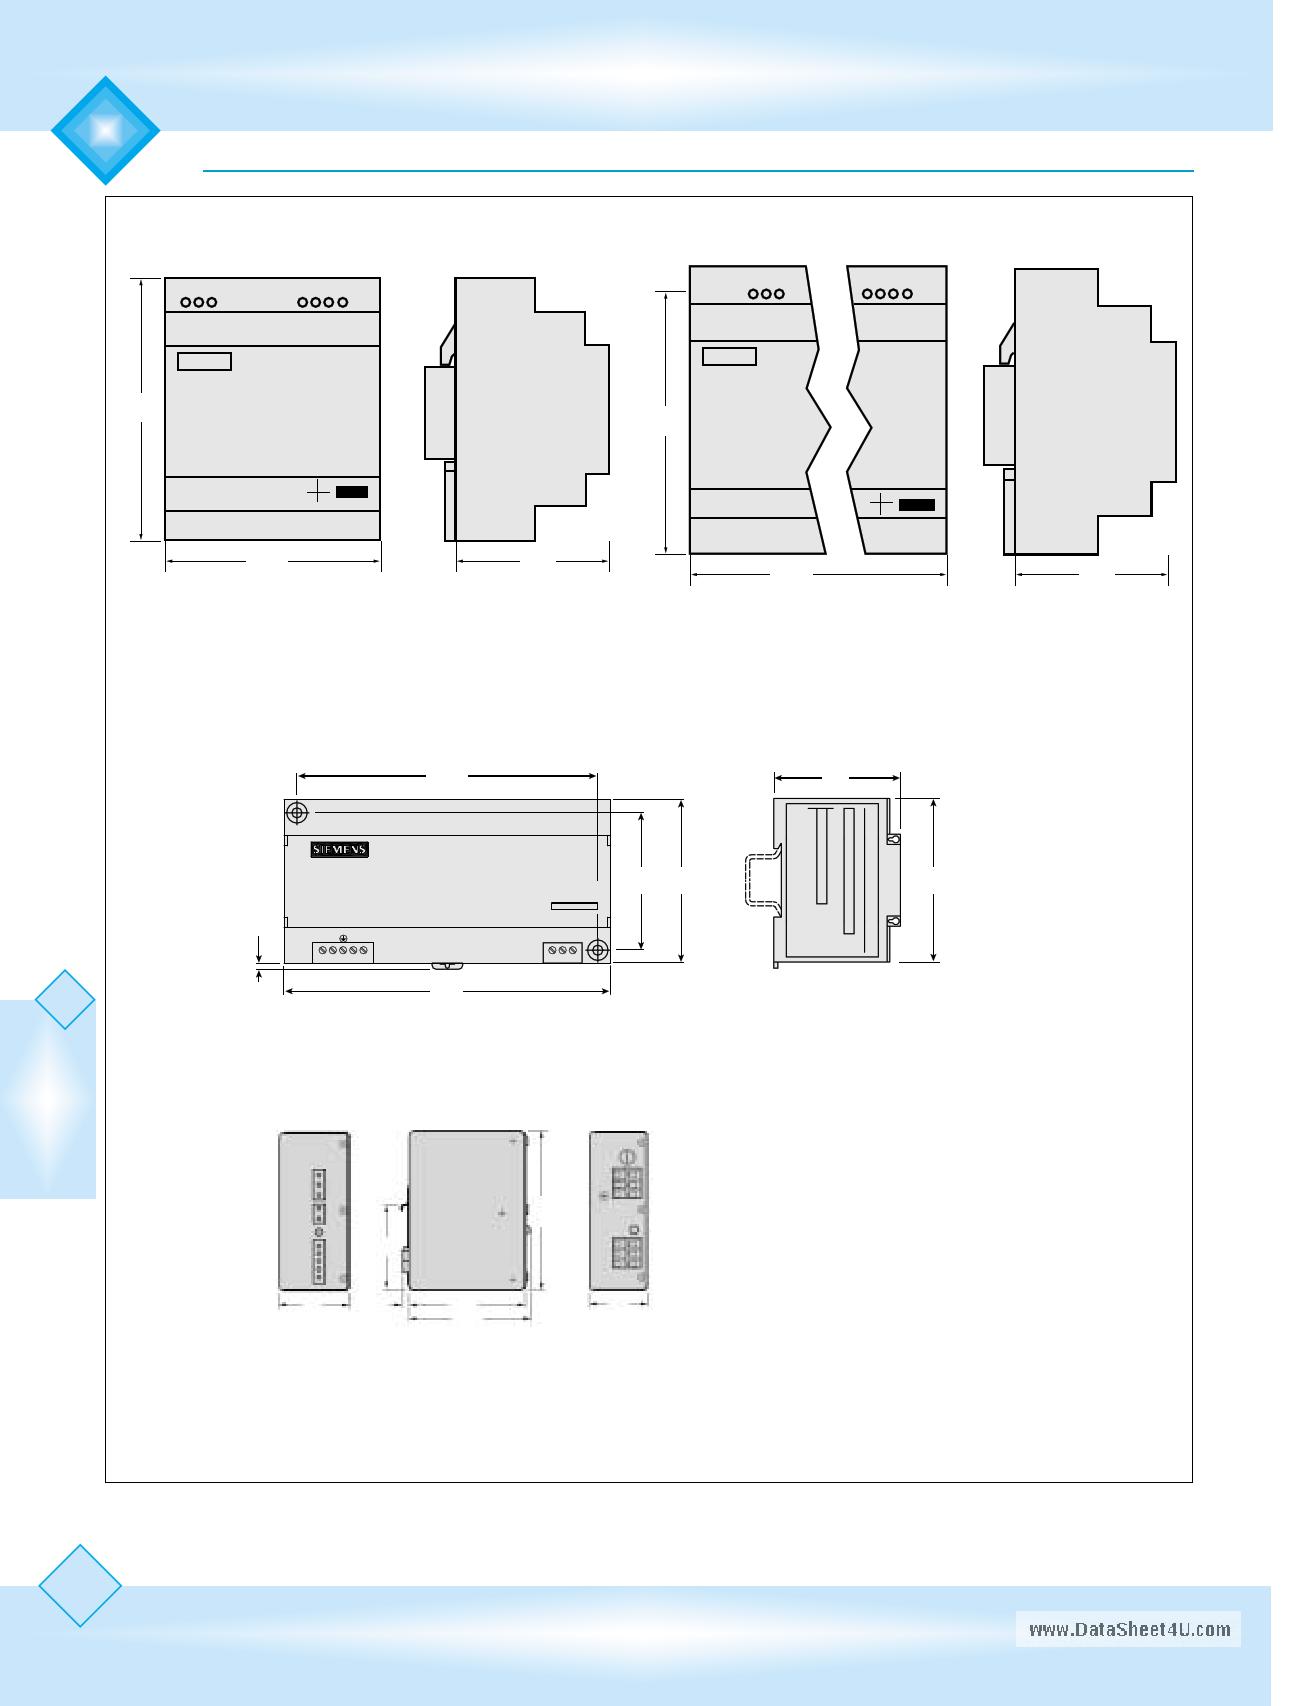 6EP1436-1SH01 datasheet pinout